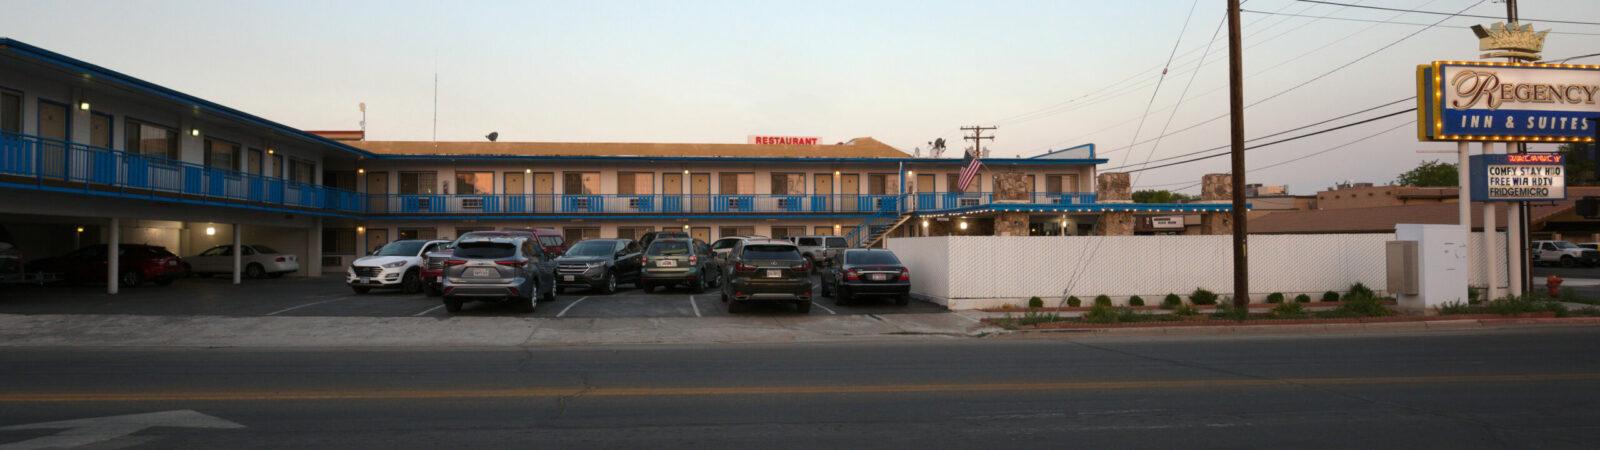 Regency Inn Motel Winnemucca